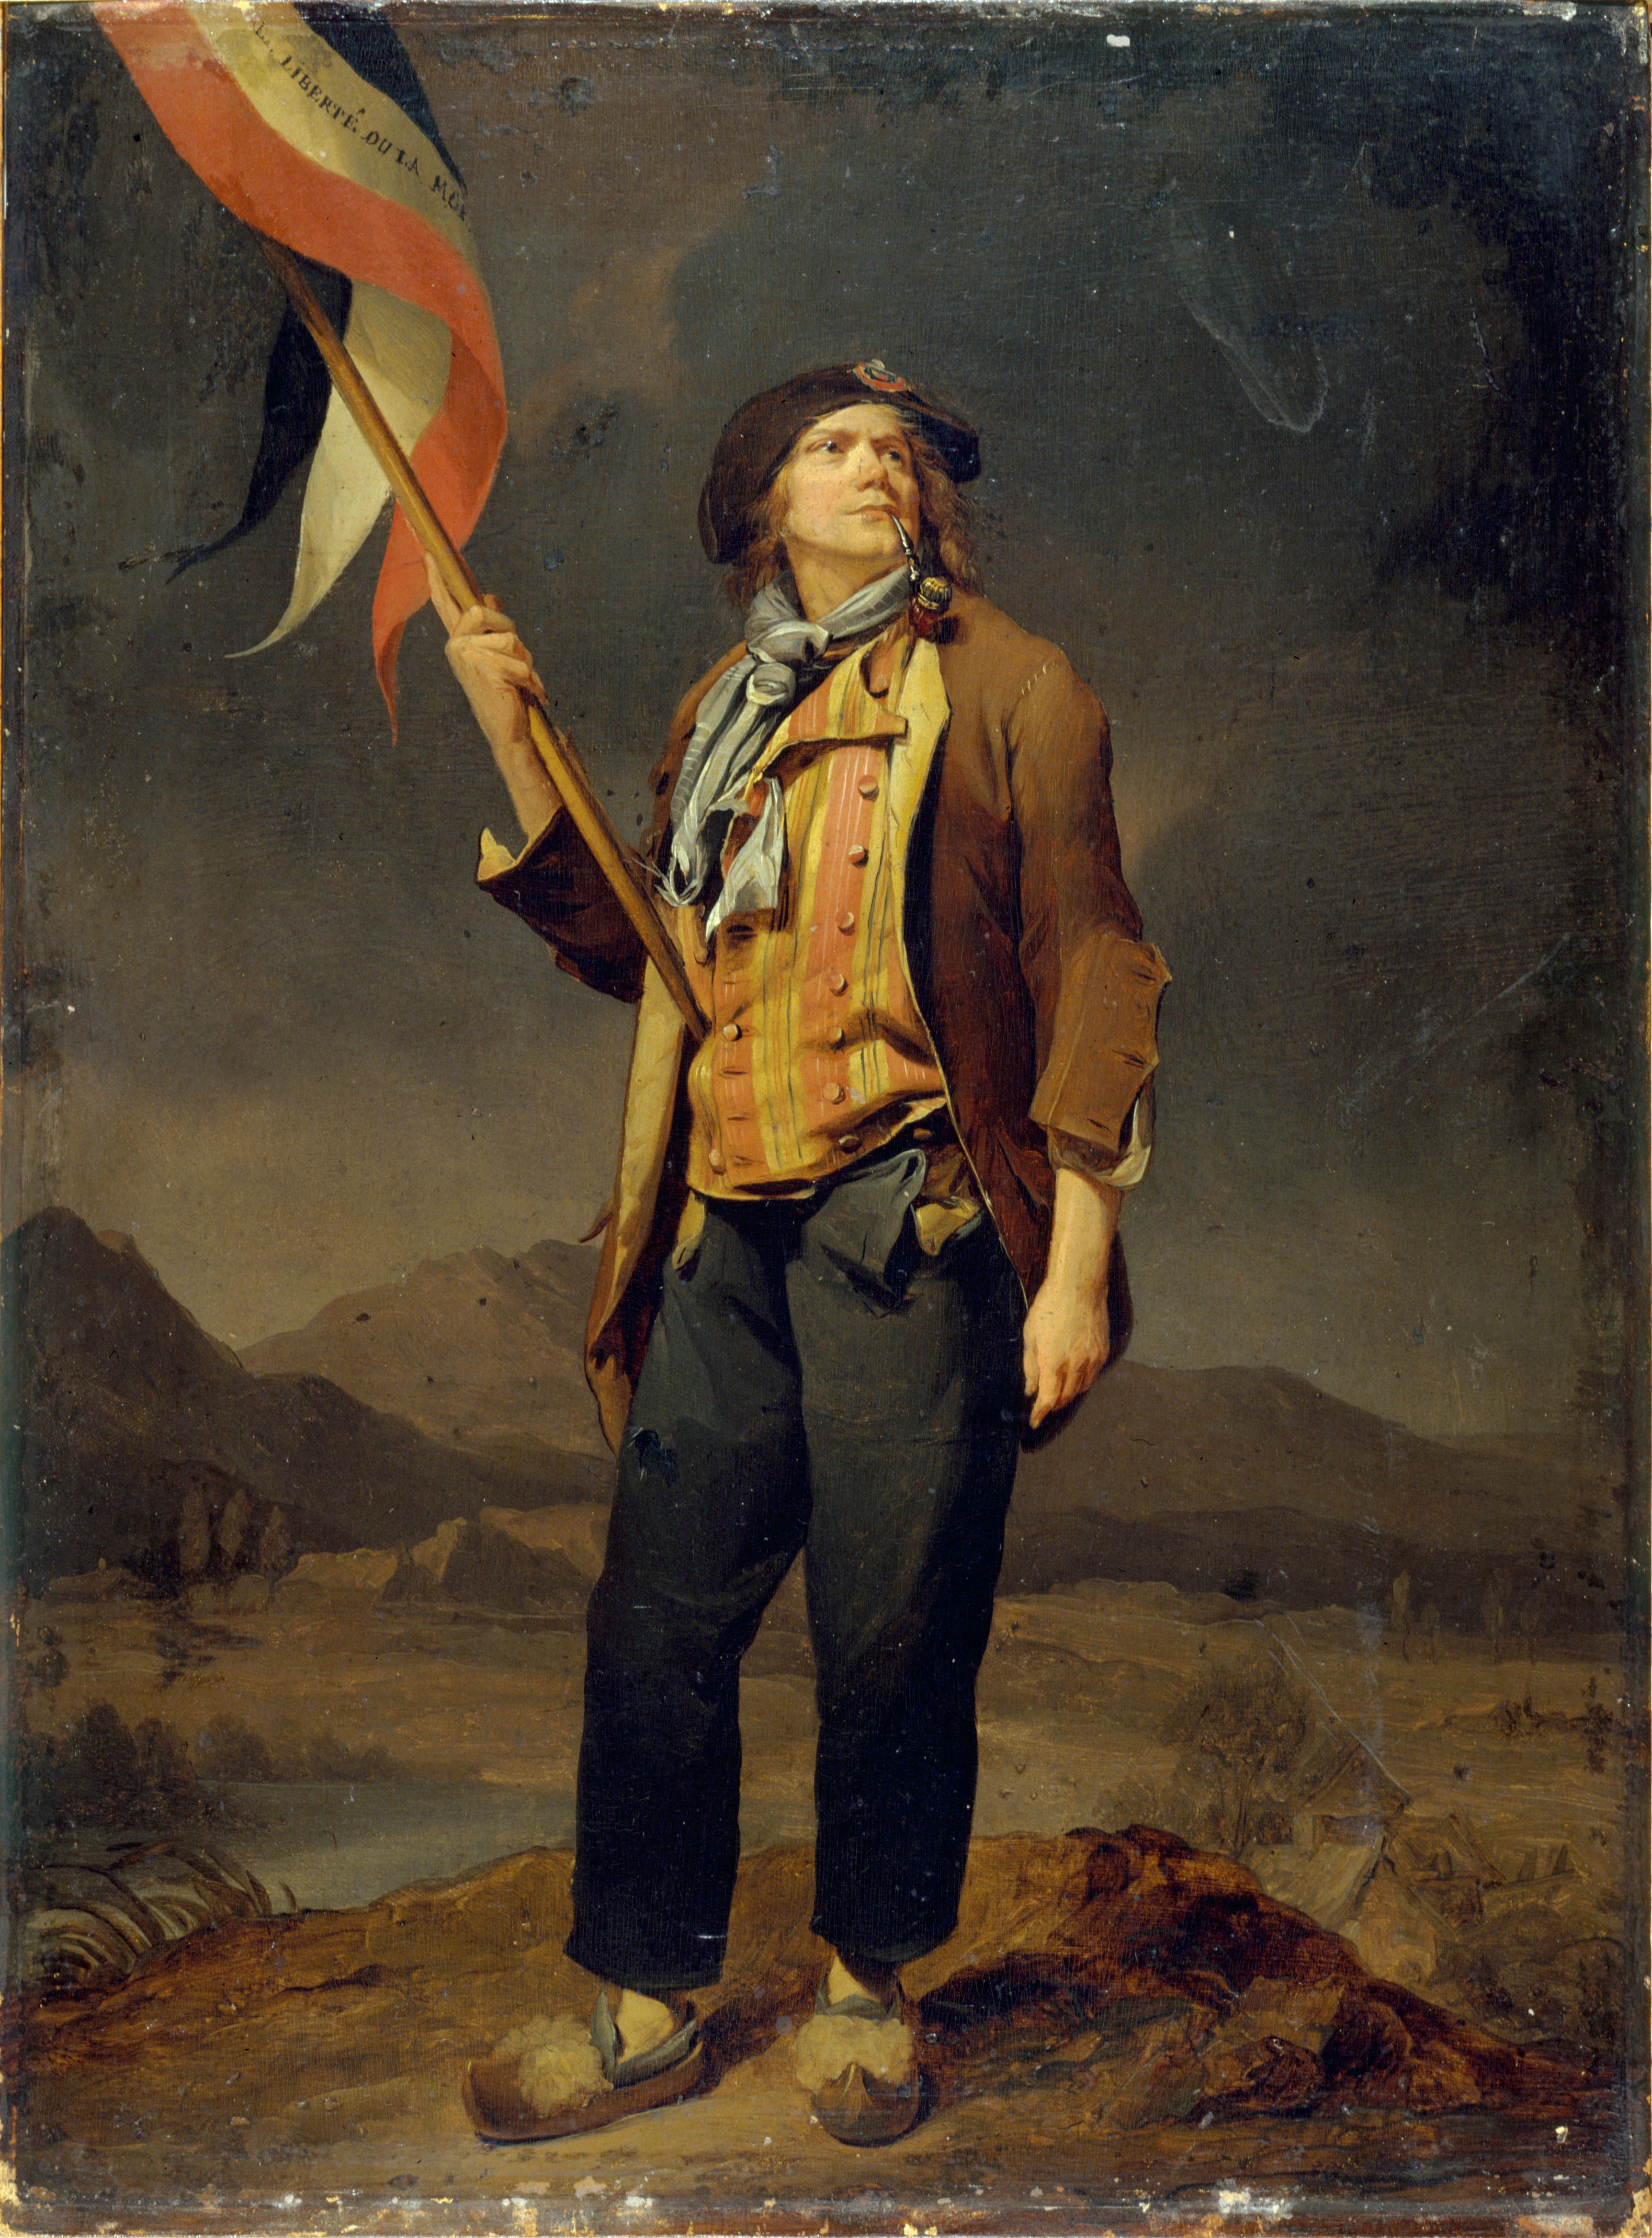 Le chanteur Simon Chenard en costume de sans-culotte, portant un drapeau à la fête de la liberté de la Savoie, le 14 octobre 1792